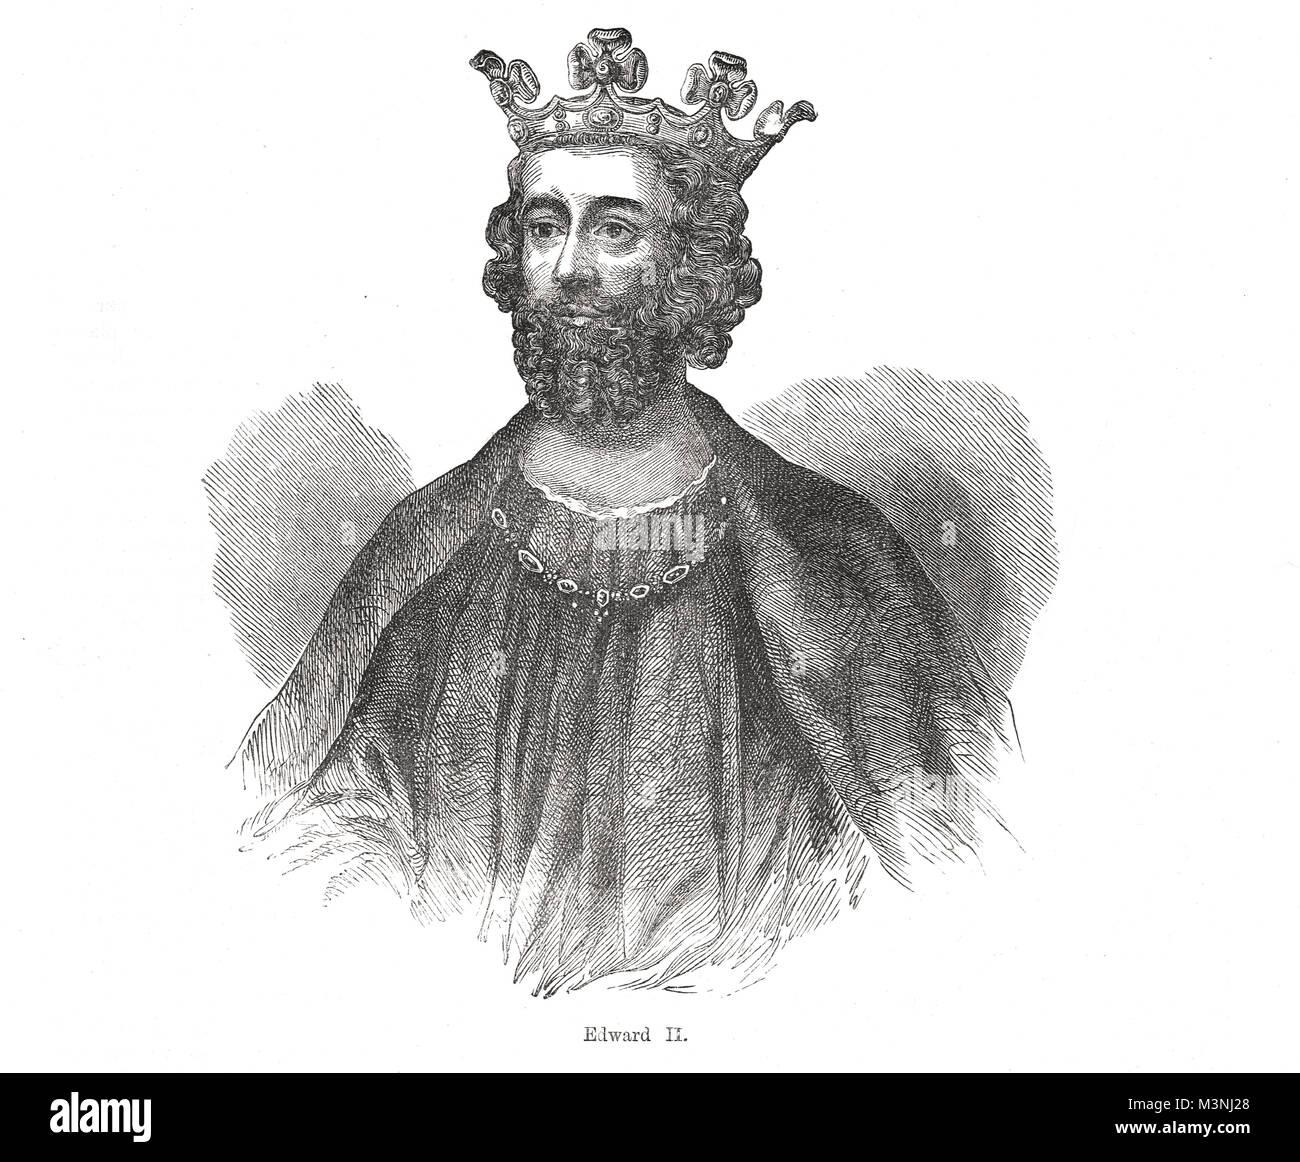 King Edward II of England, 1284-1327, reigned 1307-1327 - Stock Image